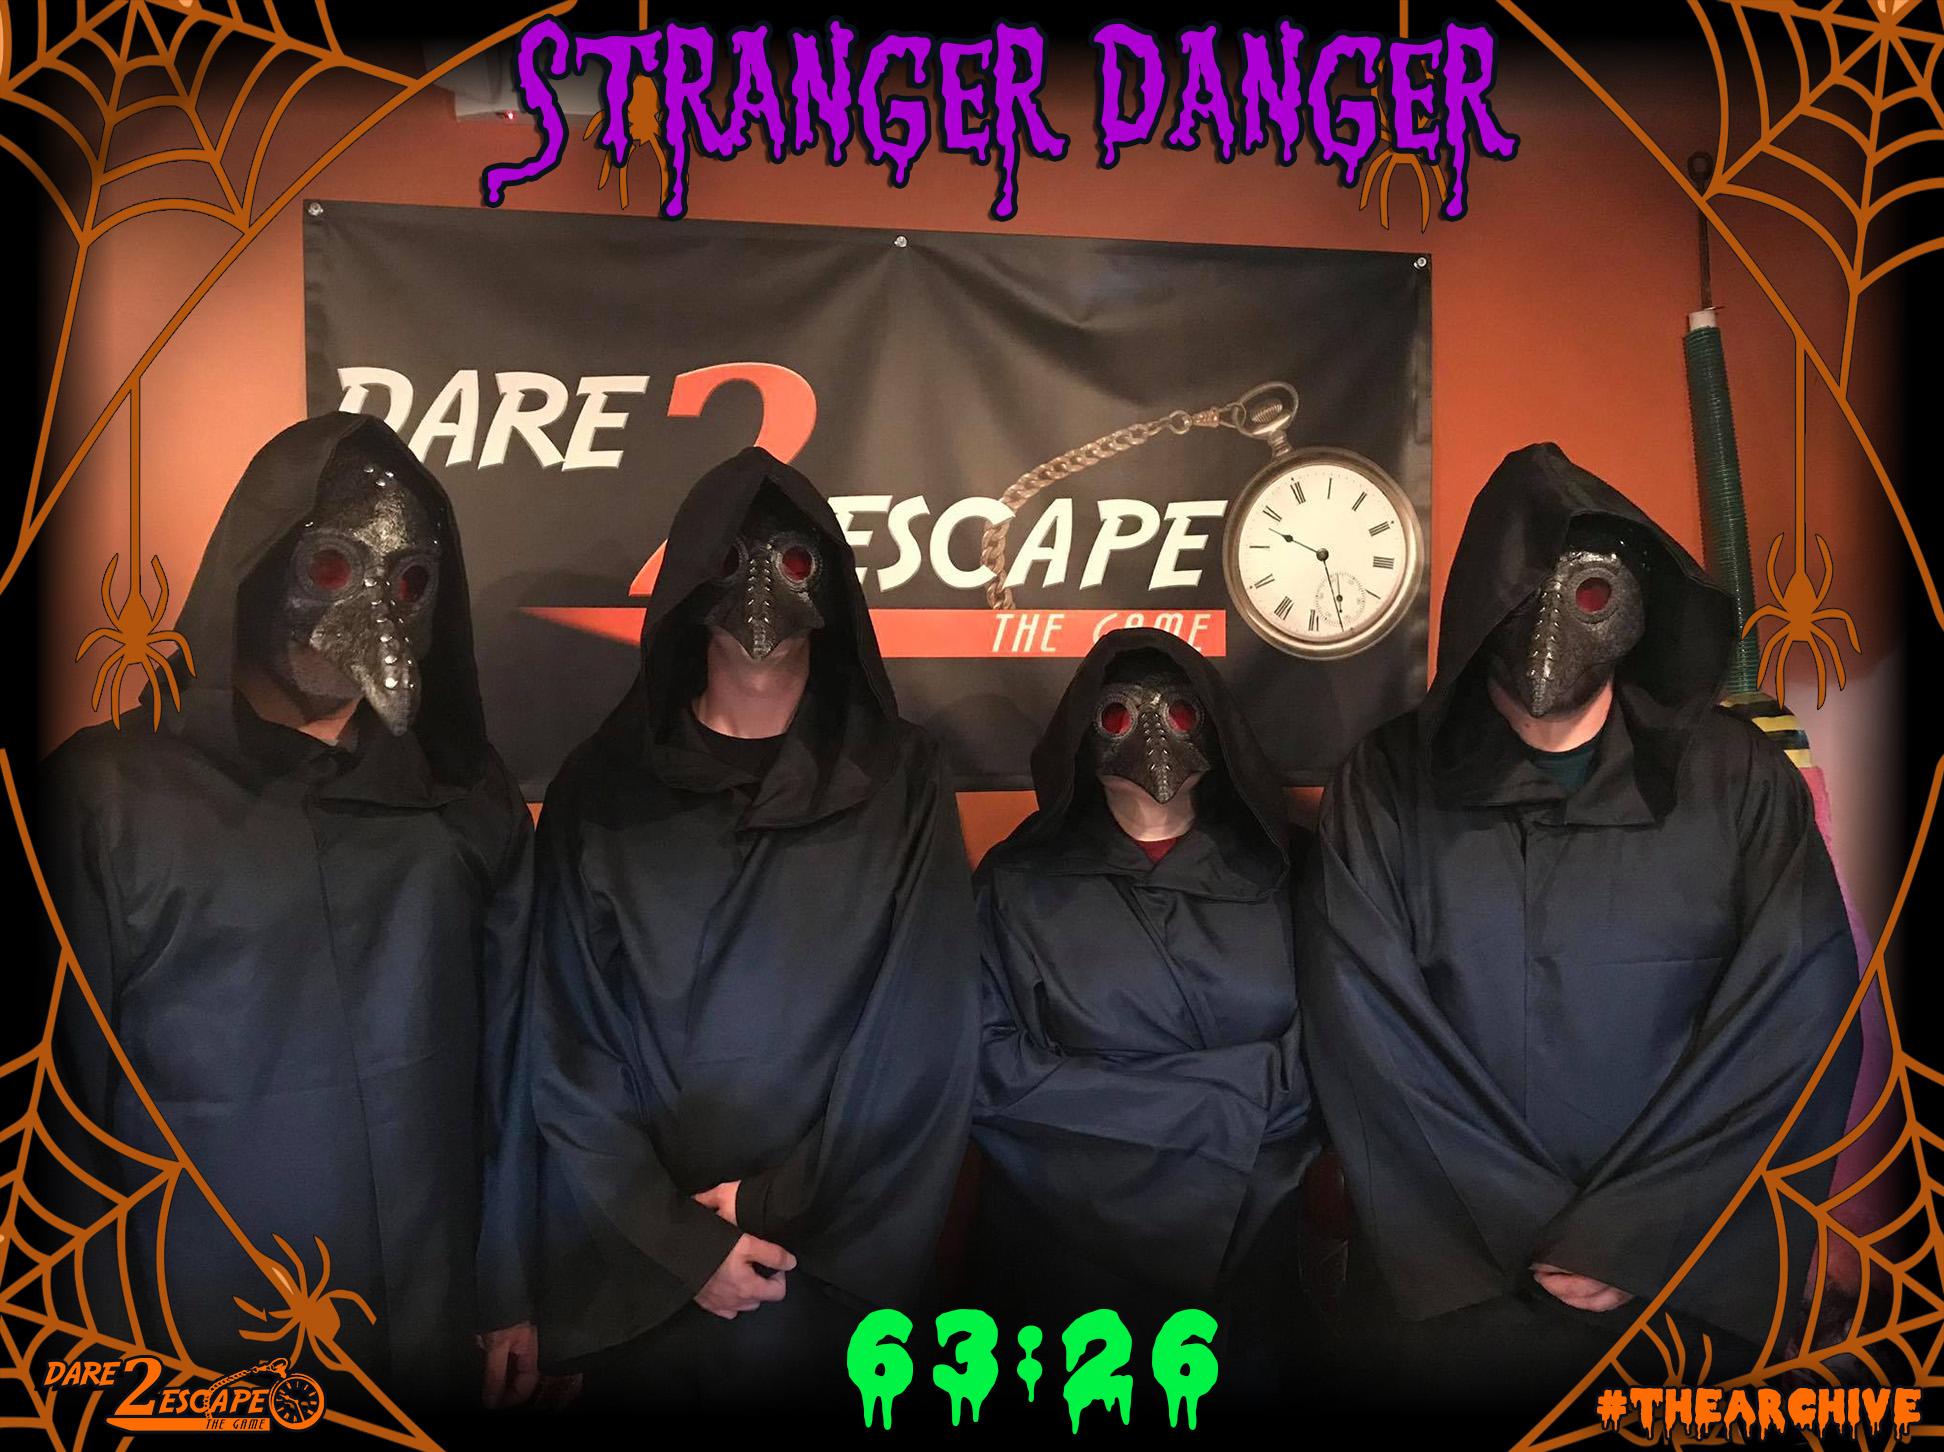 Stranger Danger 6326.jpg